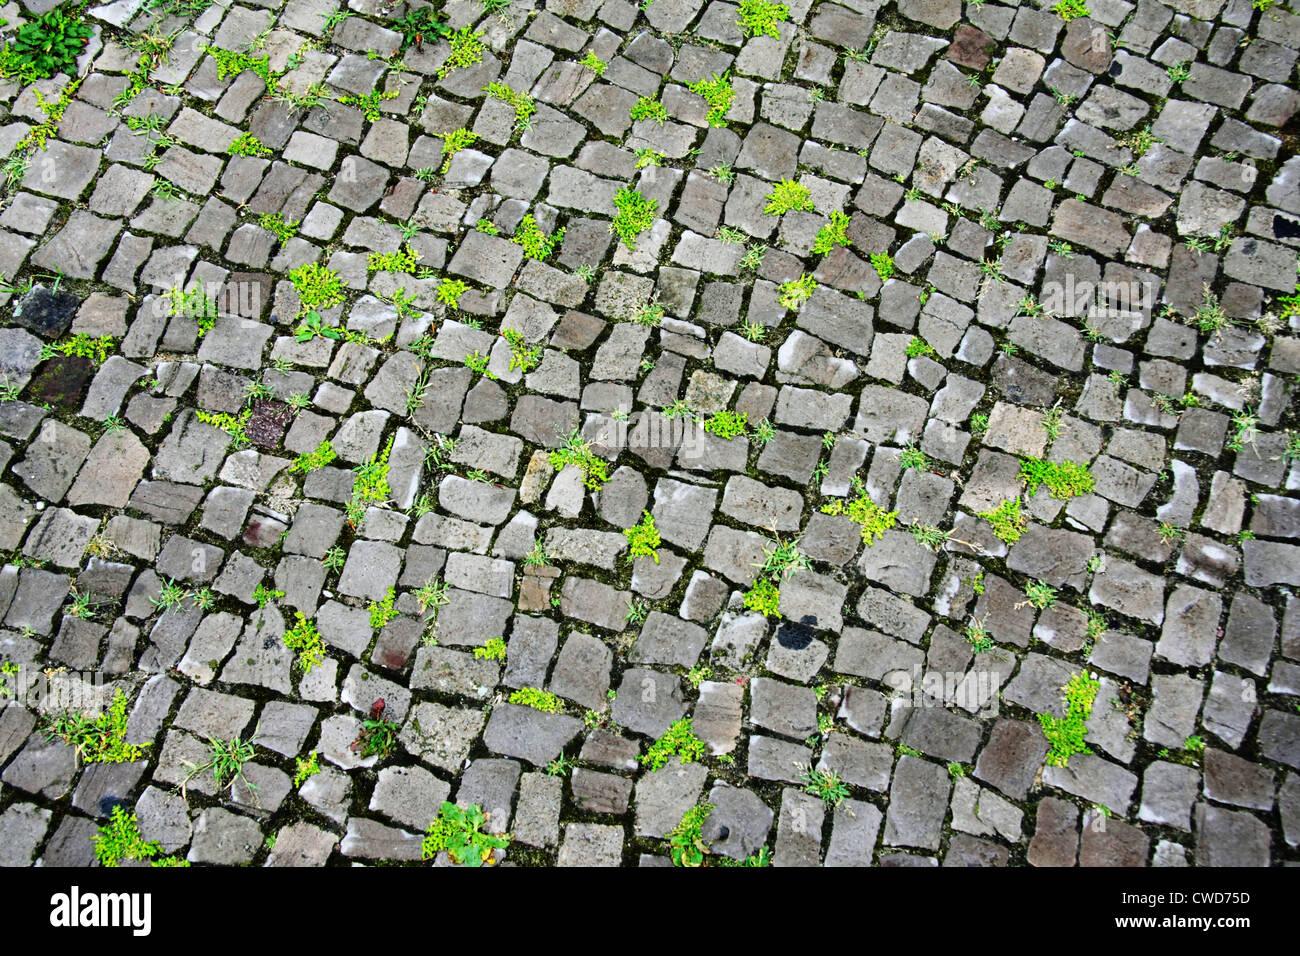 Weed,cobblestone Imagen De Stock